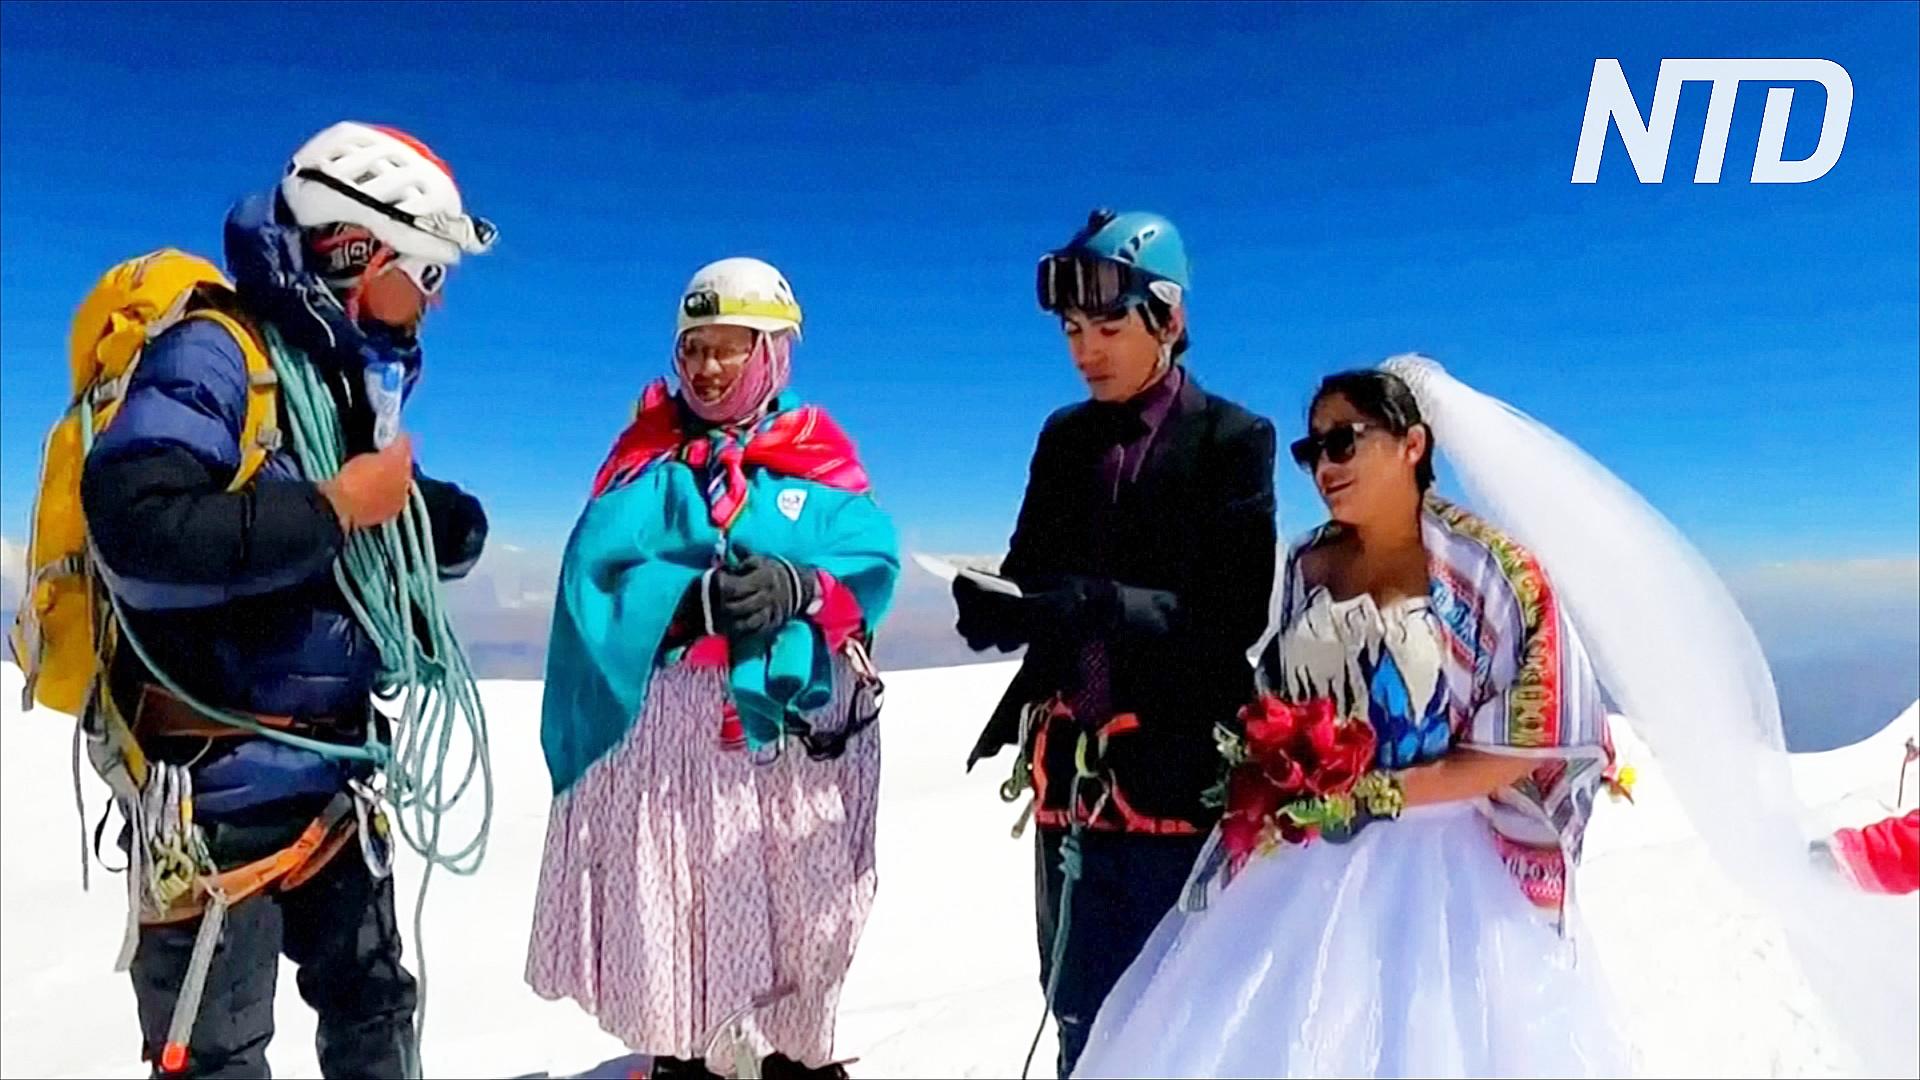 Свадьба на высоте 6400 метров: боливийская пара поженилась на горе в Андах